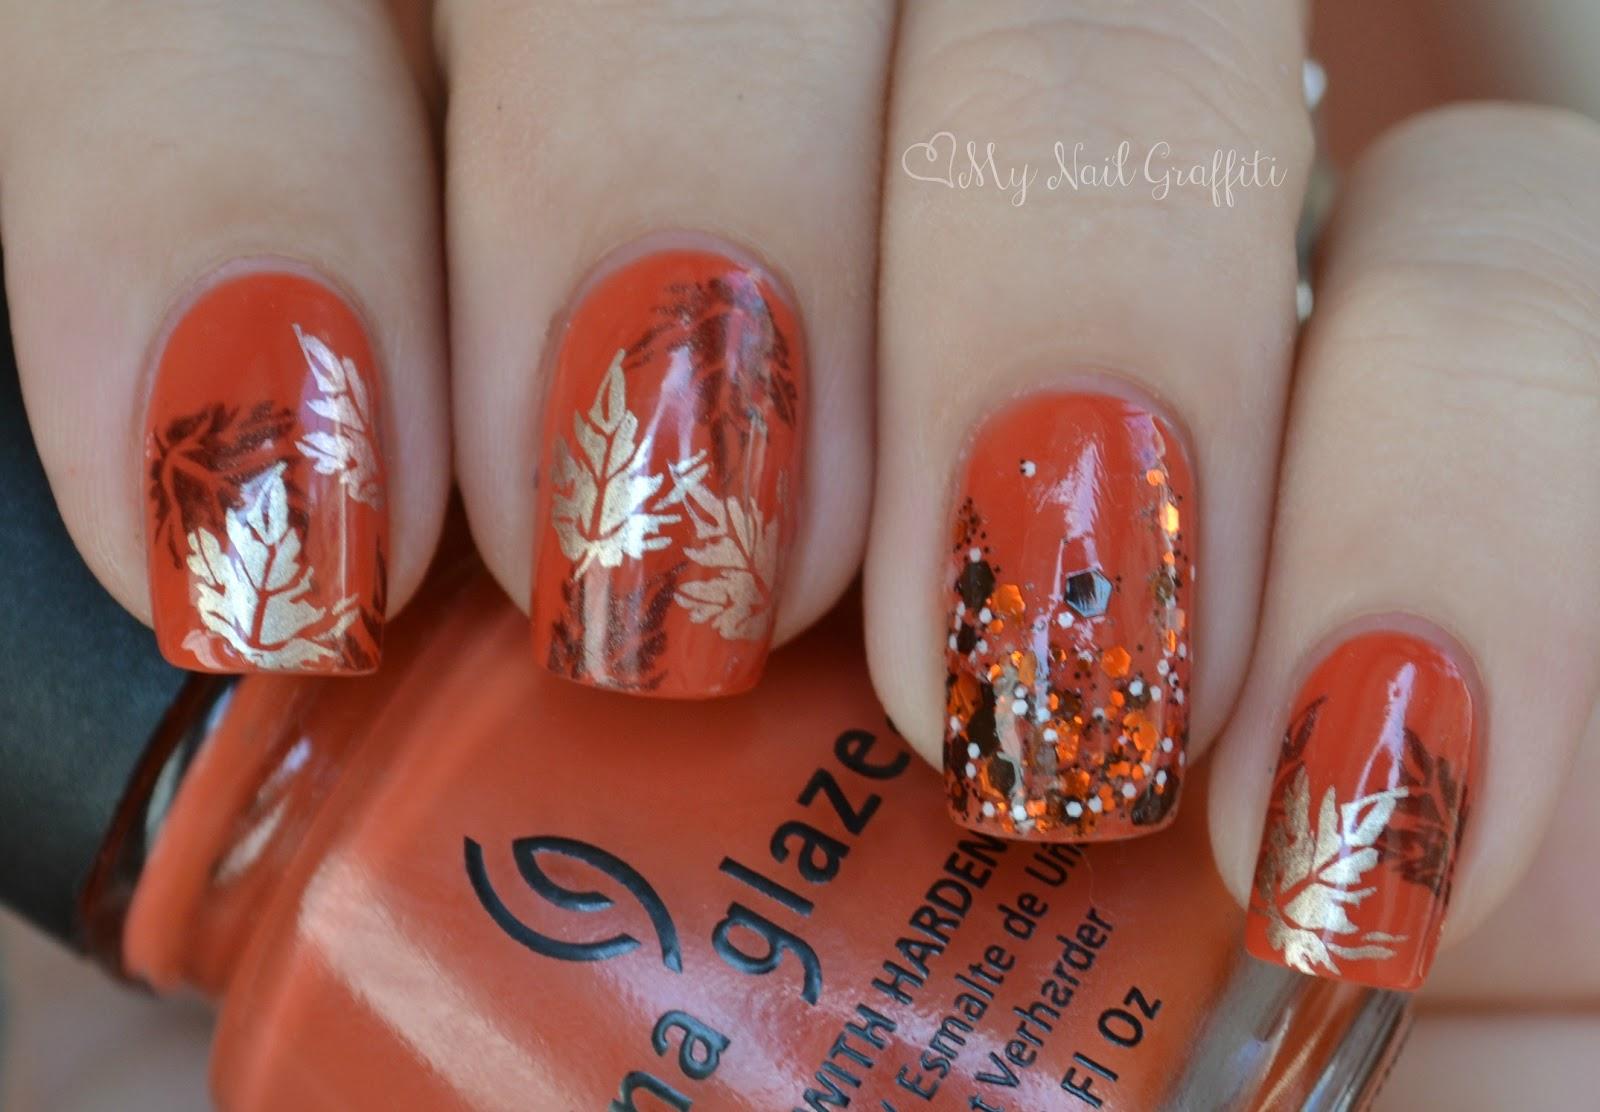 13 Fall Nail Designs Images - Fall Nail Design, Fall Gel Nail Art ...